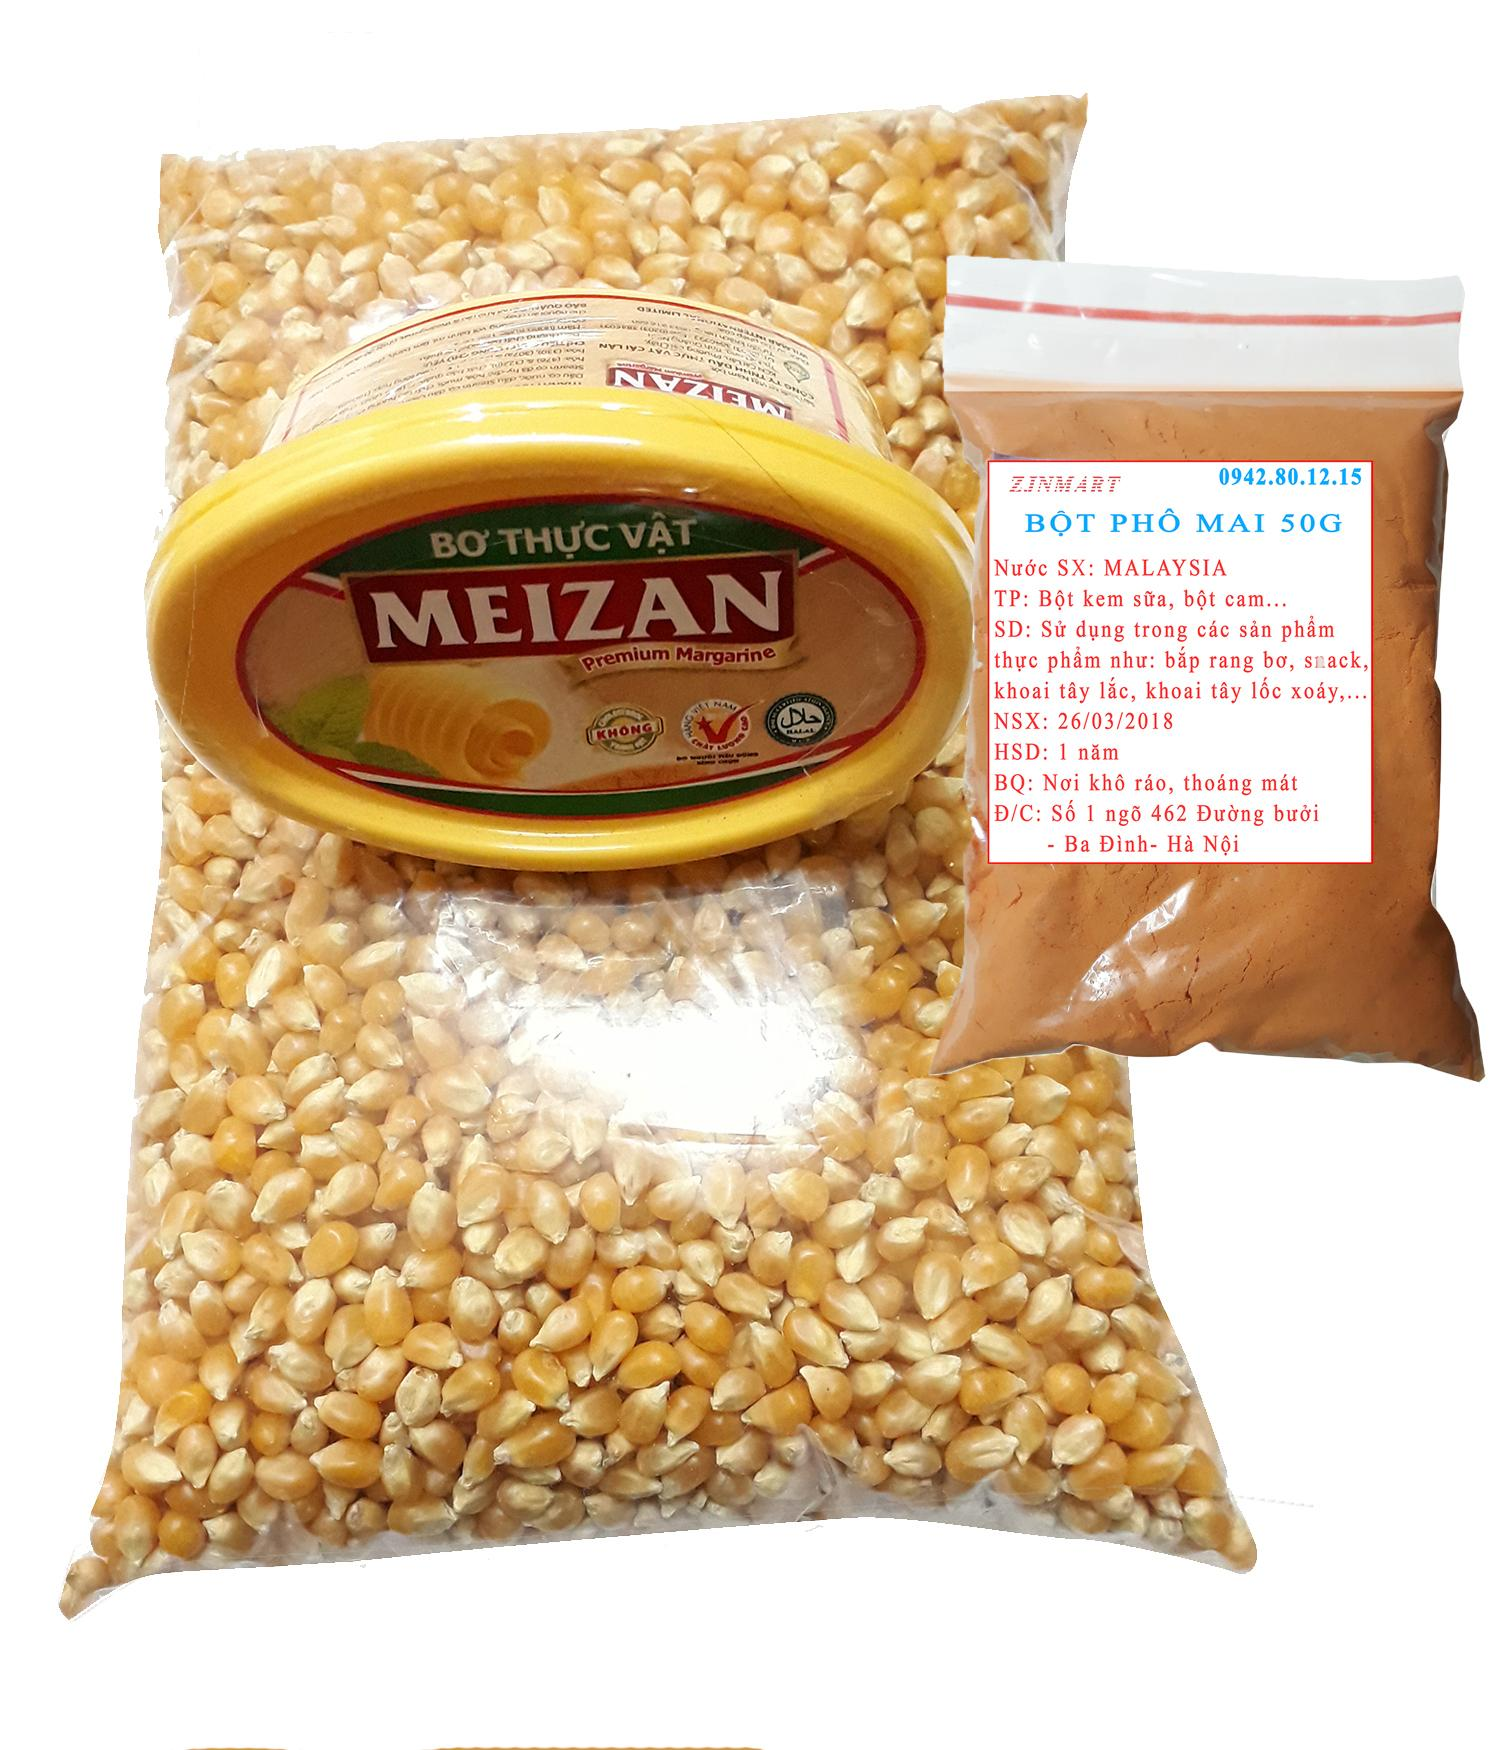 Hình ảnh Ngô mỹ 1kg+ bơ meizan 80g + 50g Phô mai bột nổ bắp rang bơ tại nhà